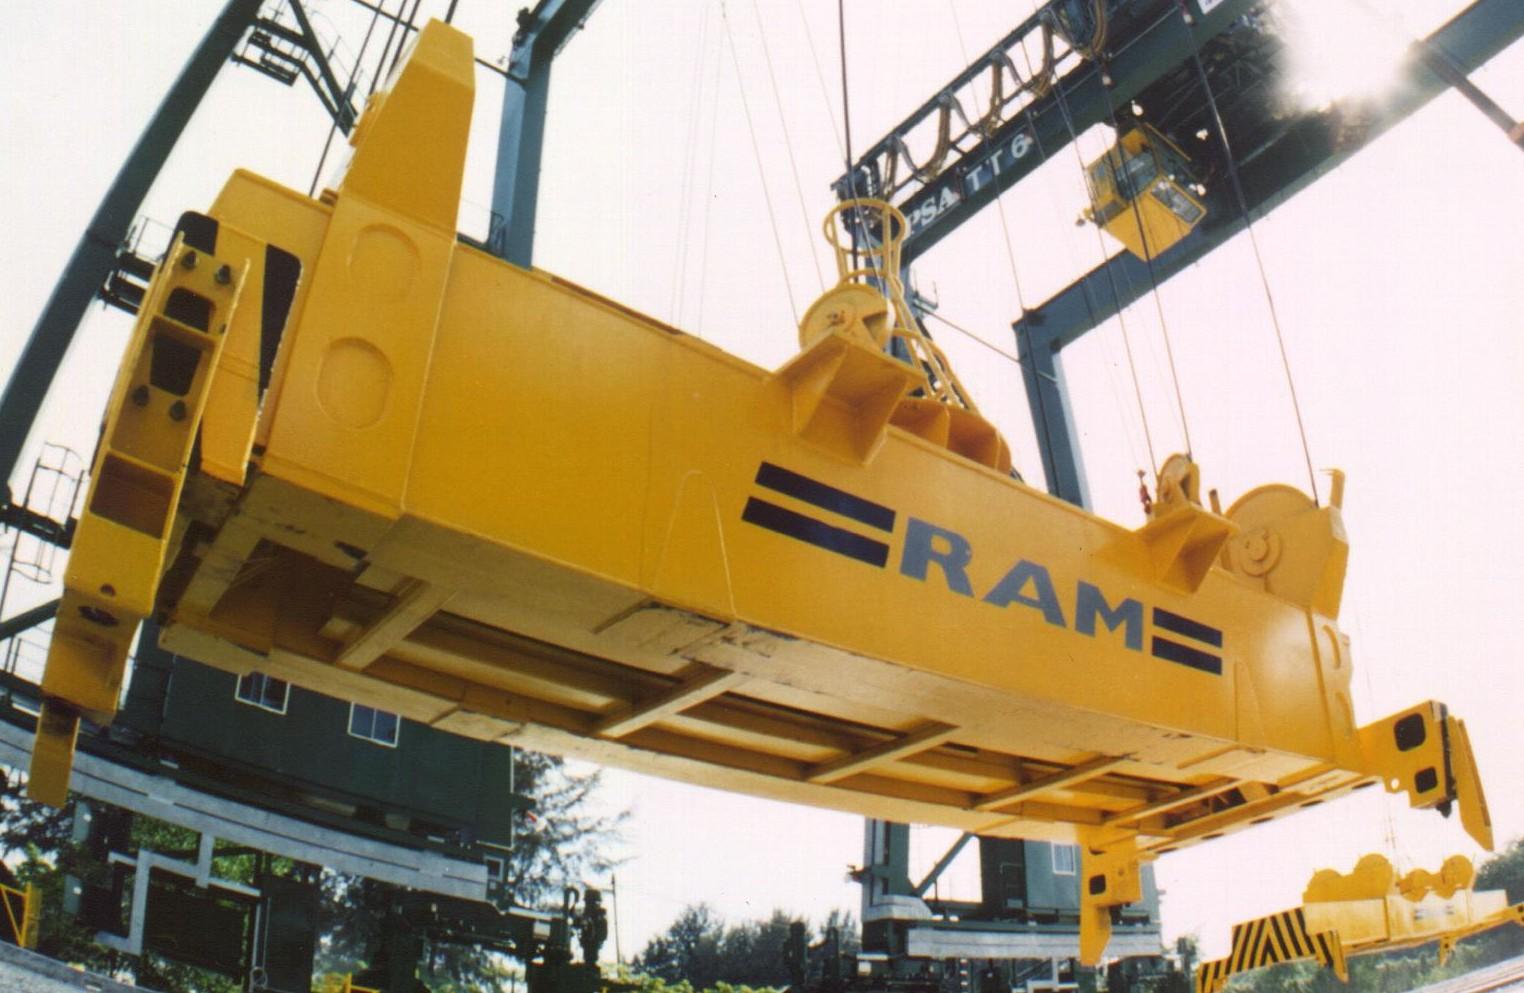 Электрогидравлический контейненрный спредер RAM модели 2500